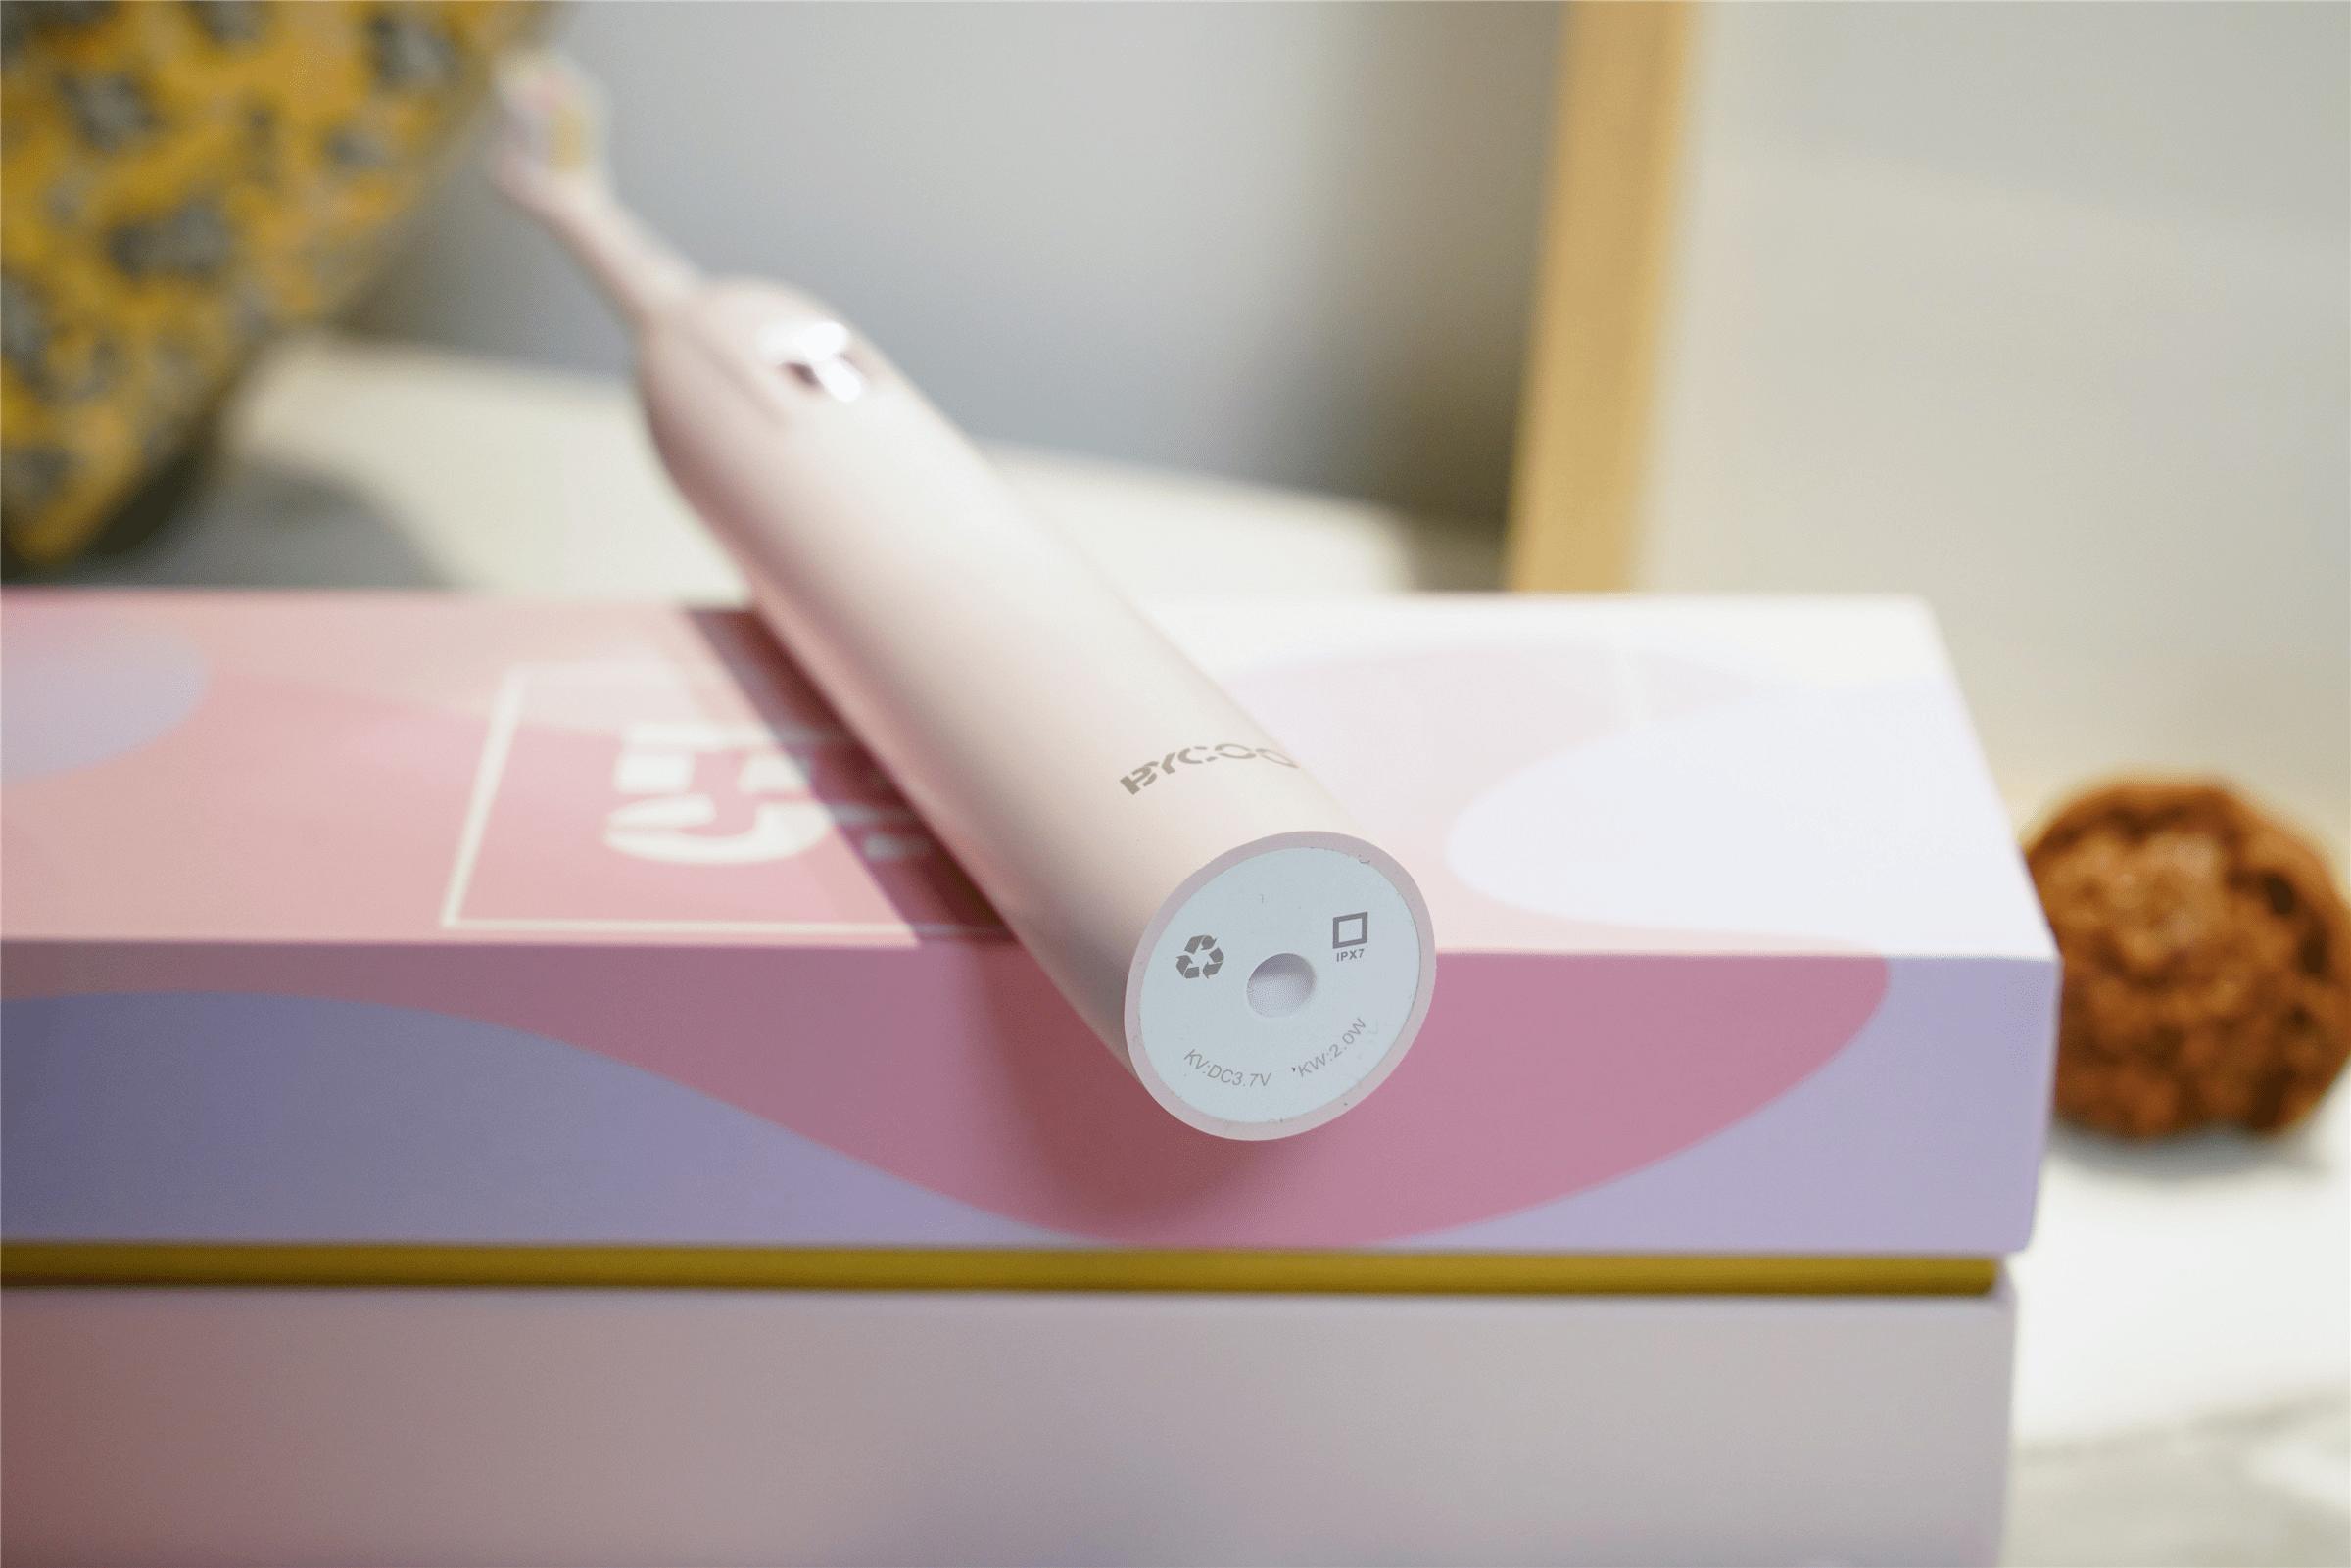 电动牙刷哪个牌子好?七夕送礼必备五款高颜值电动牙刷推荐